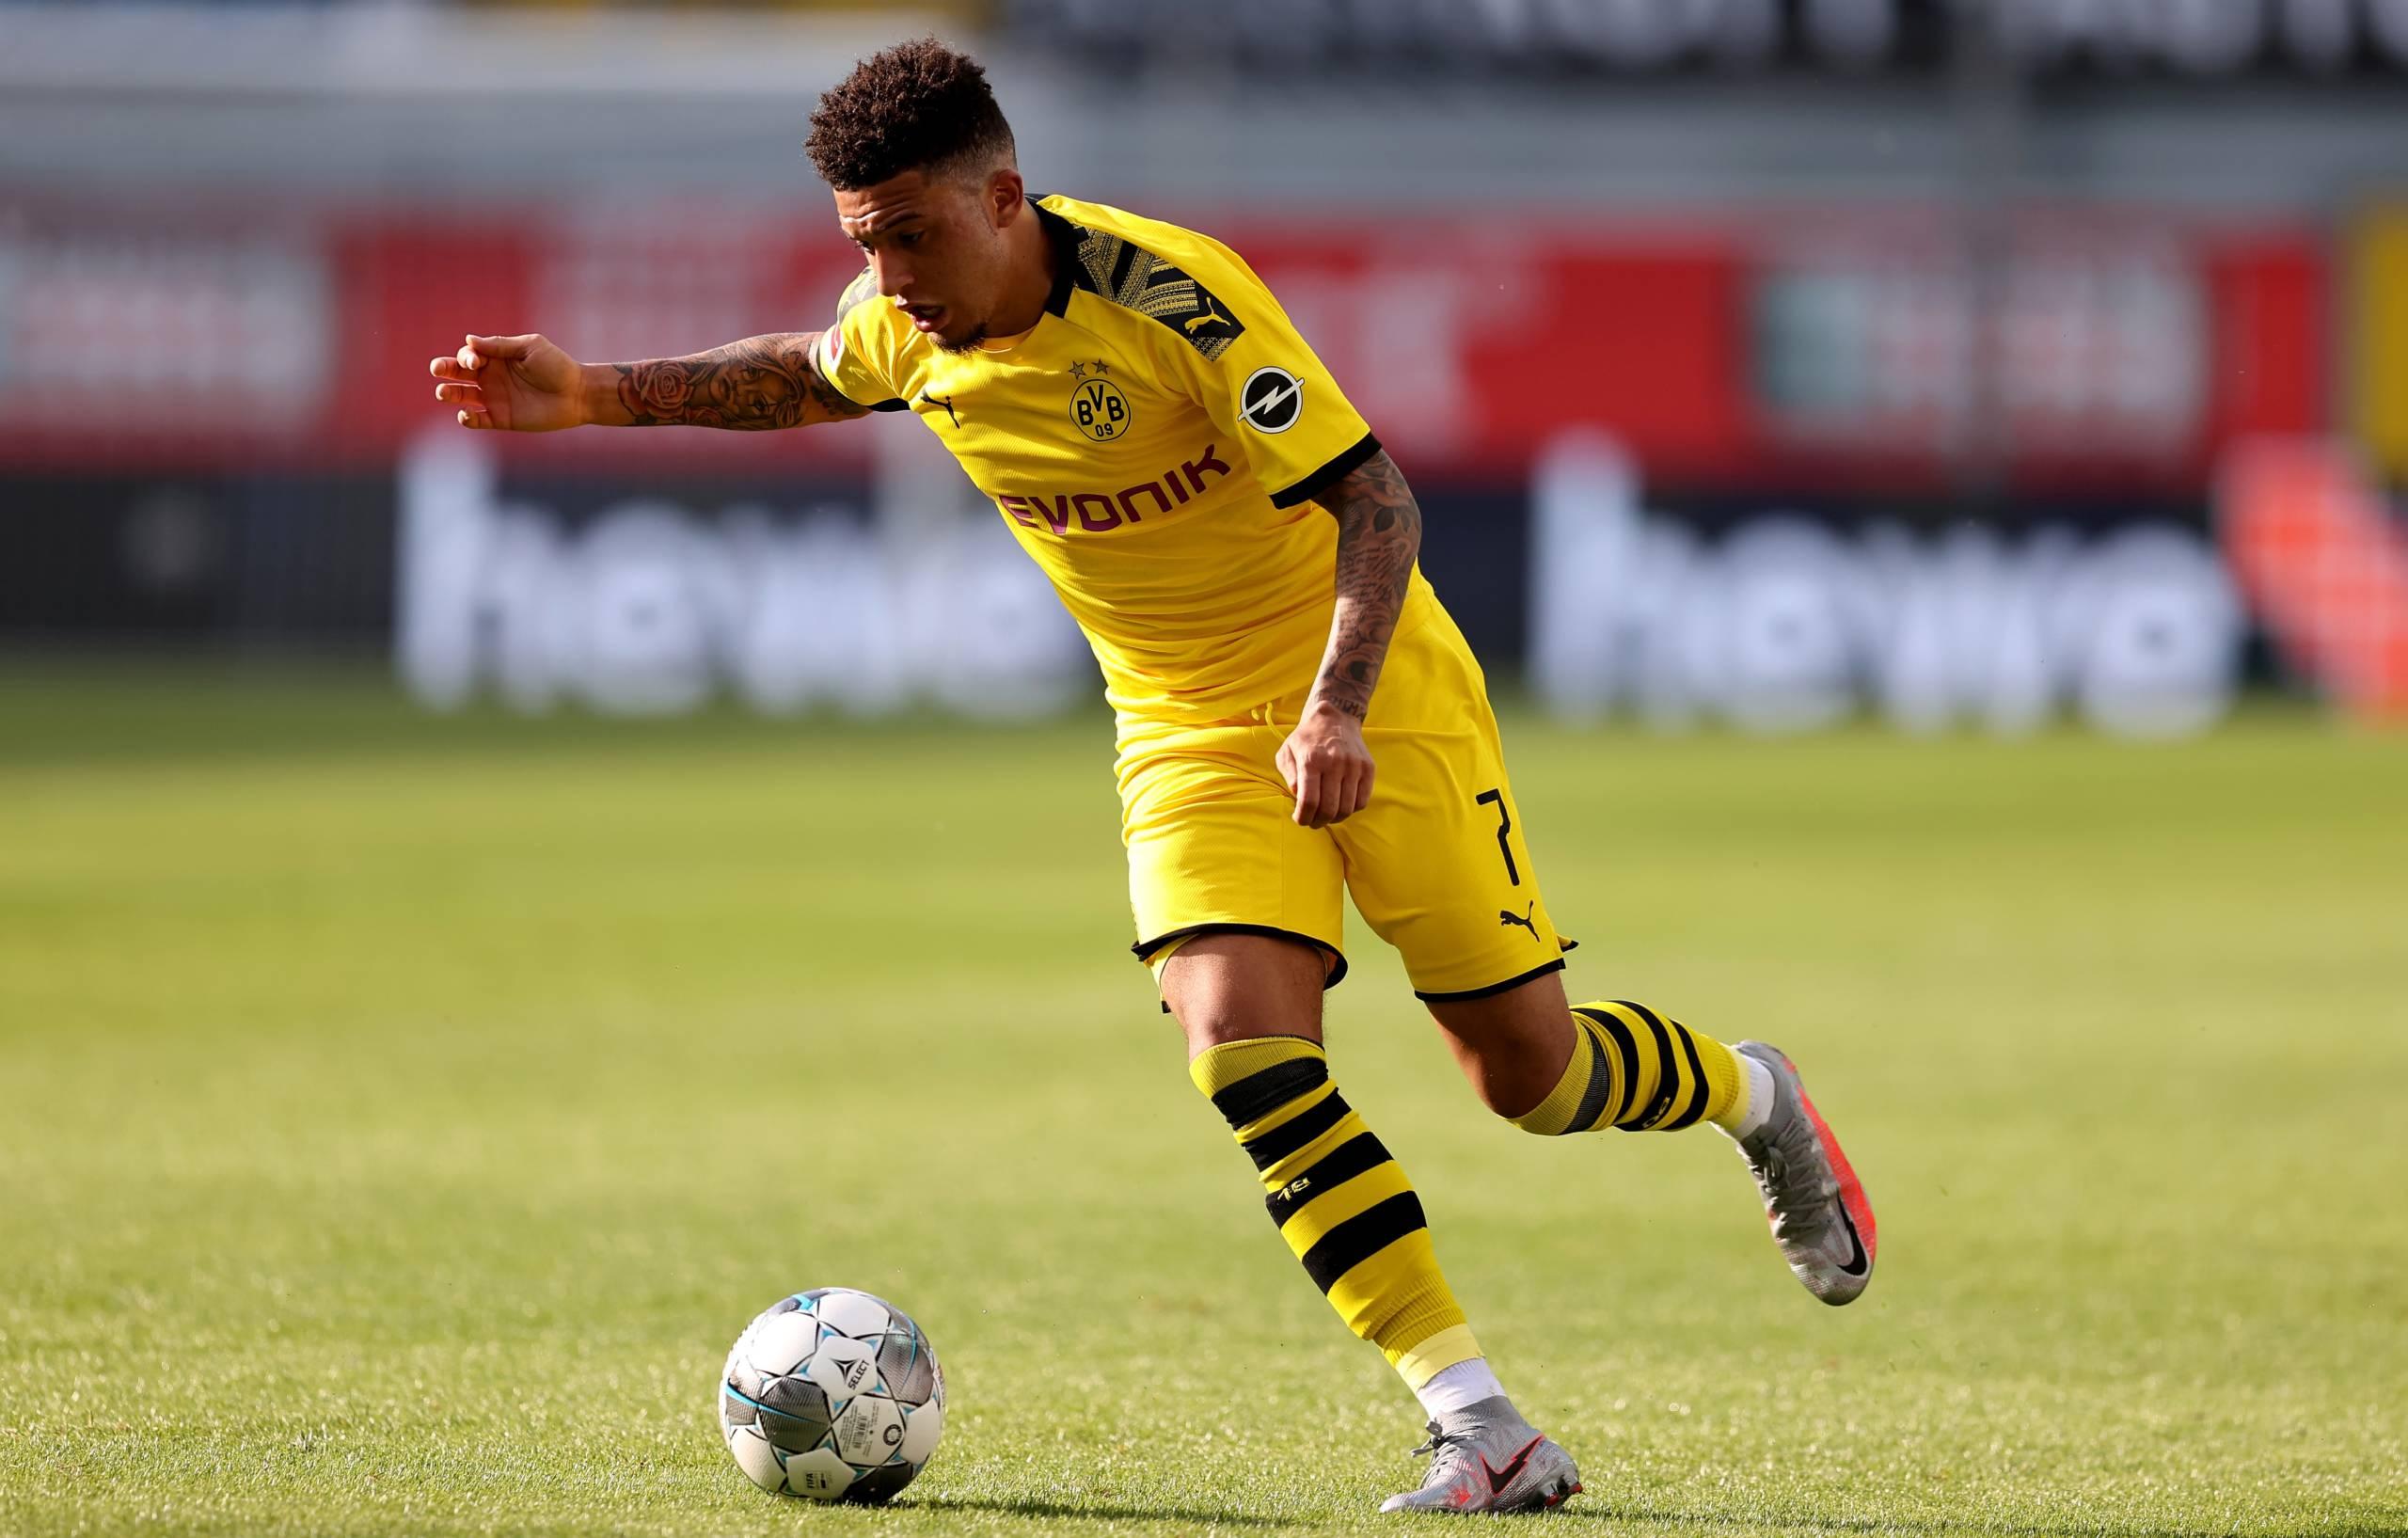 Real Madrid entra na briga para tirar Sancho do Borussia Dortmund